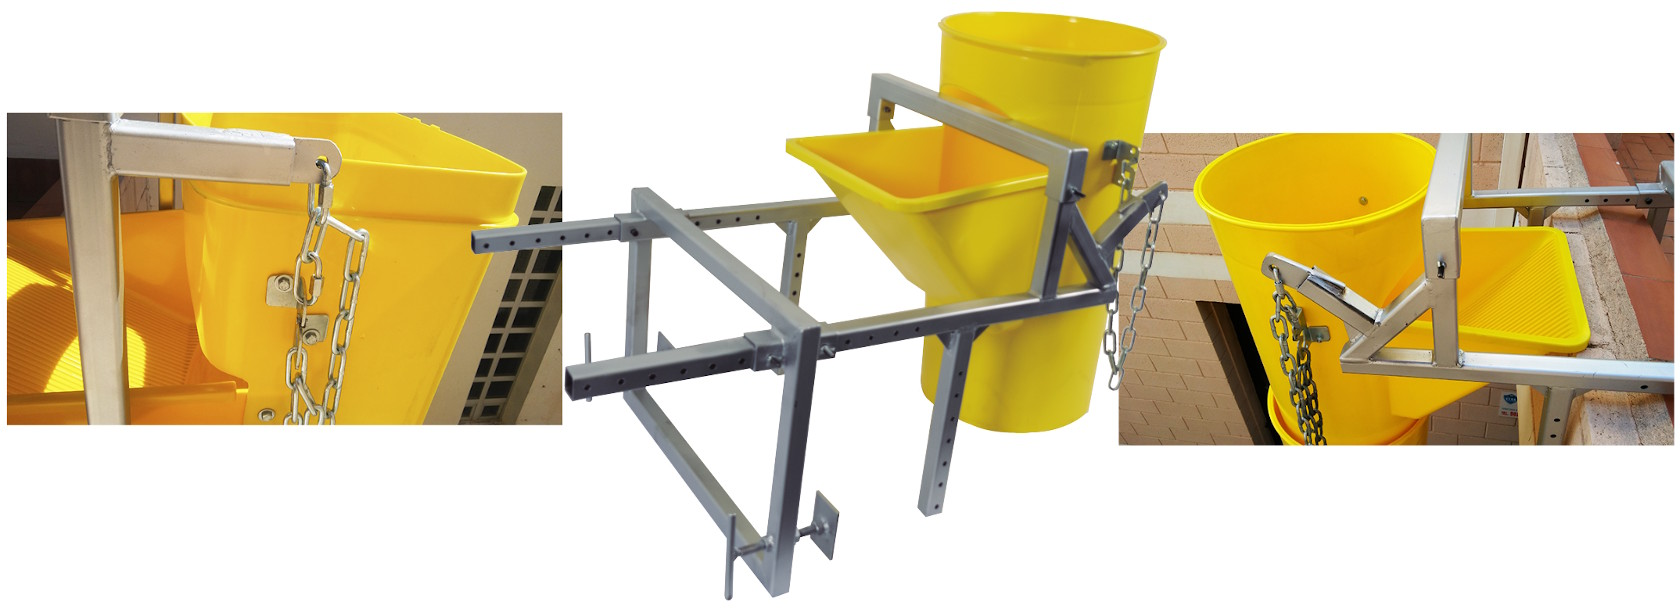 Soportes de fijación para montar una columna de bajantes de escombros en una obra